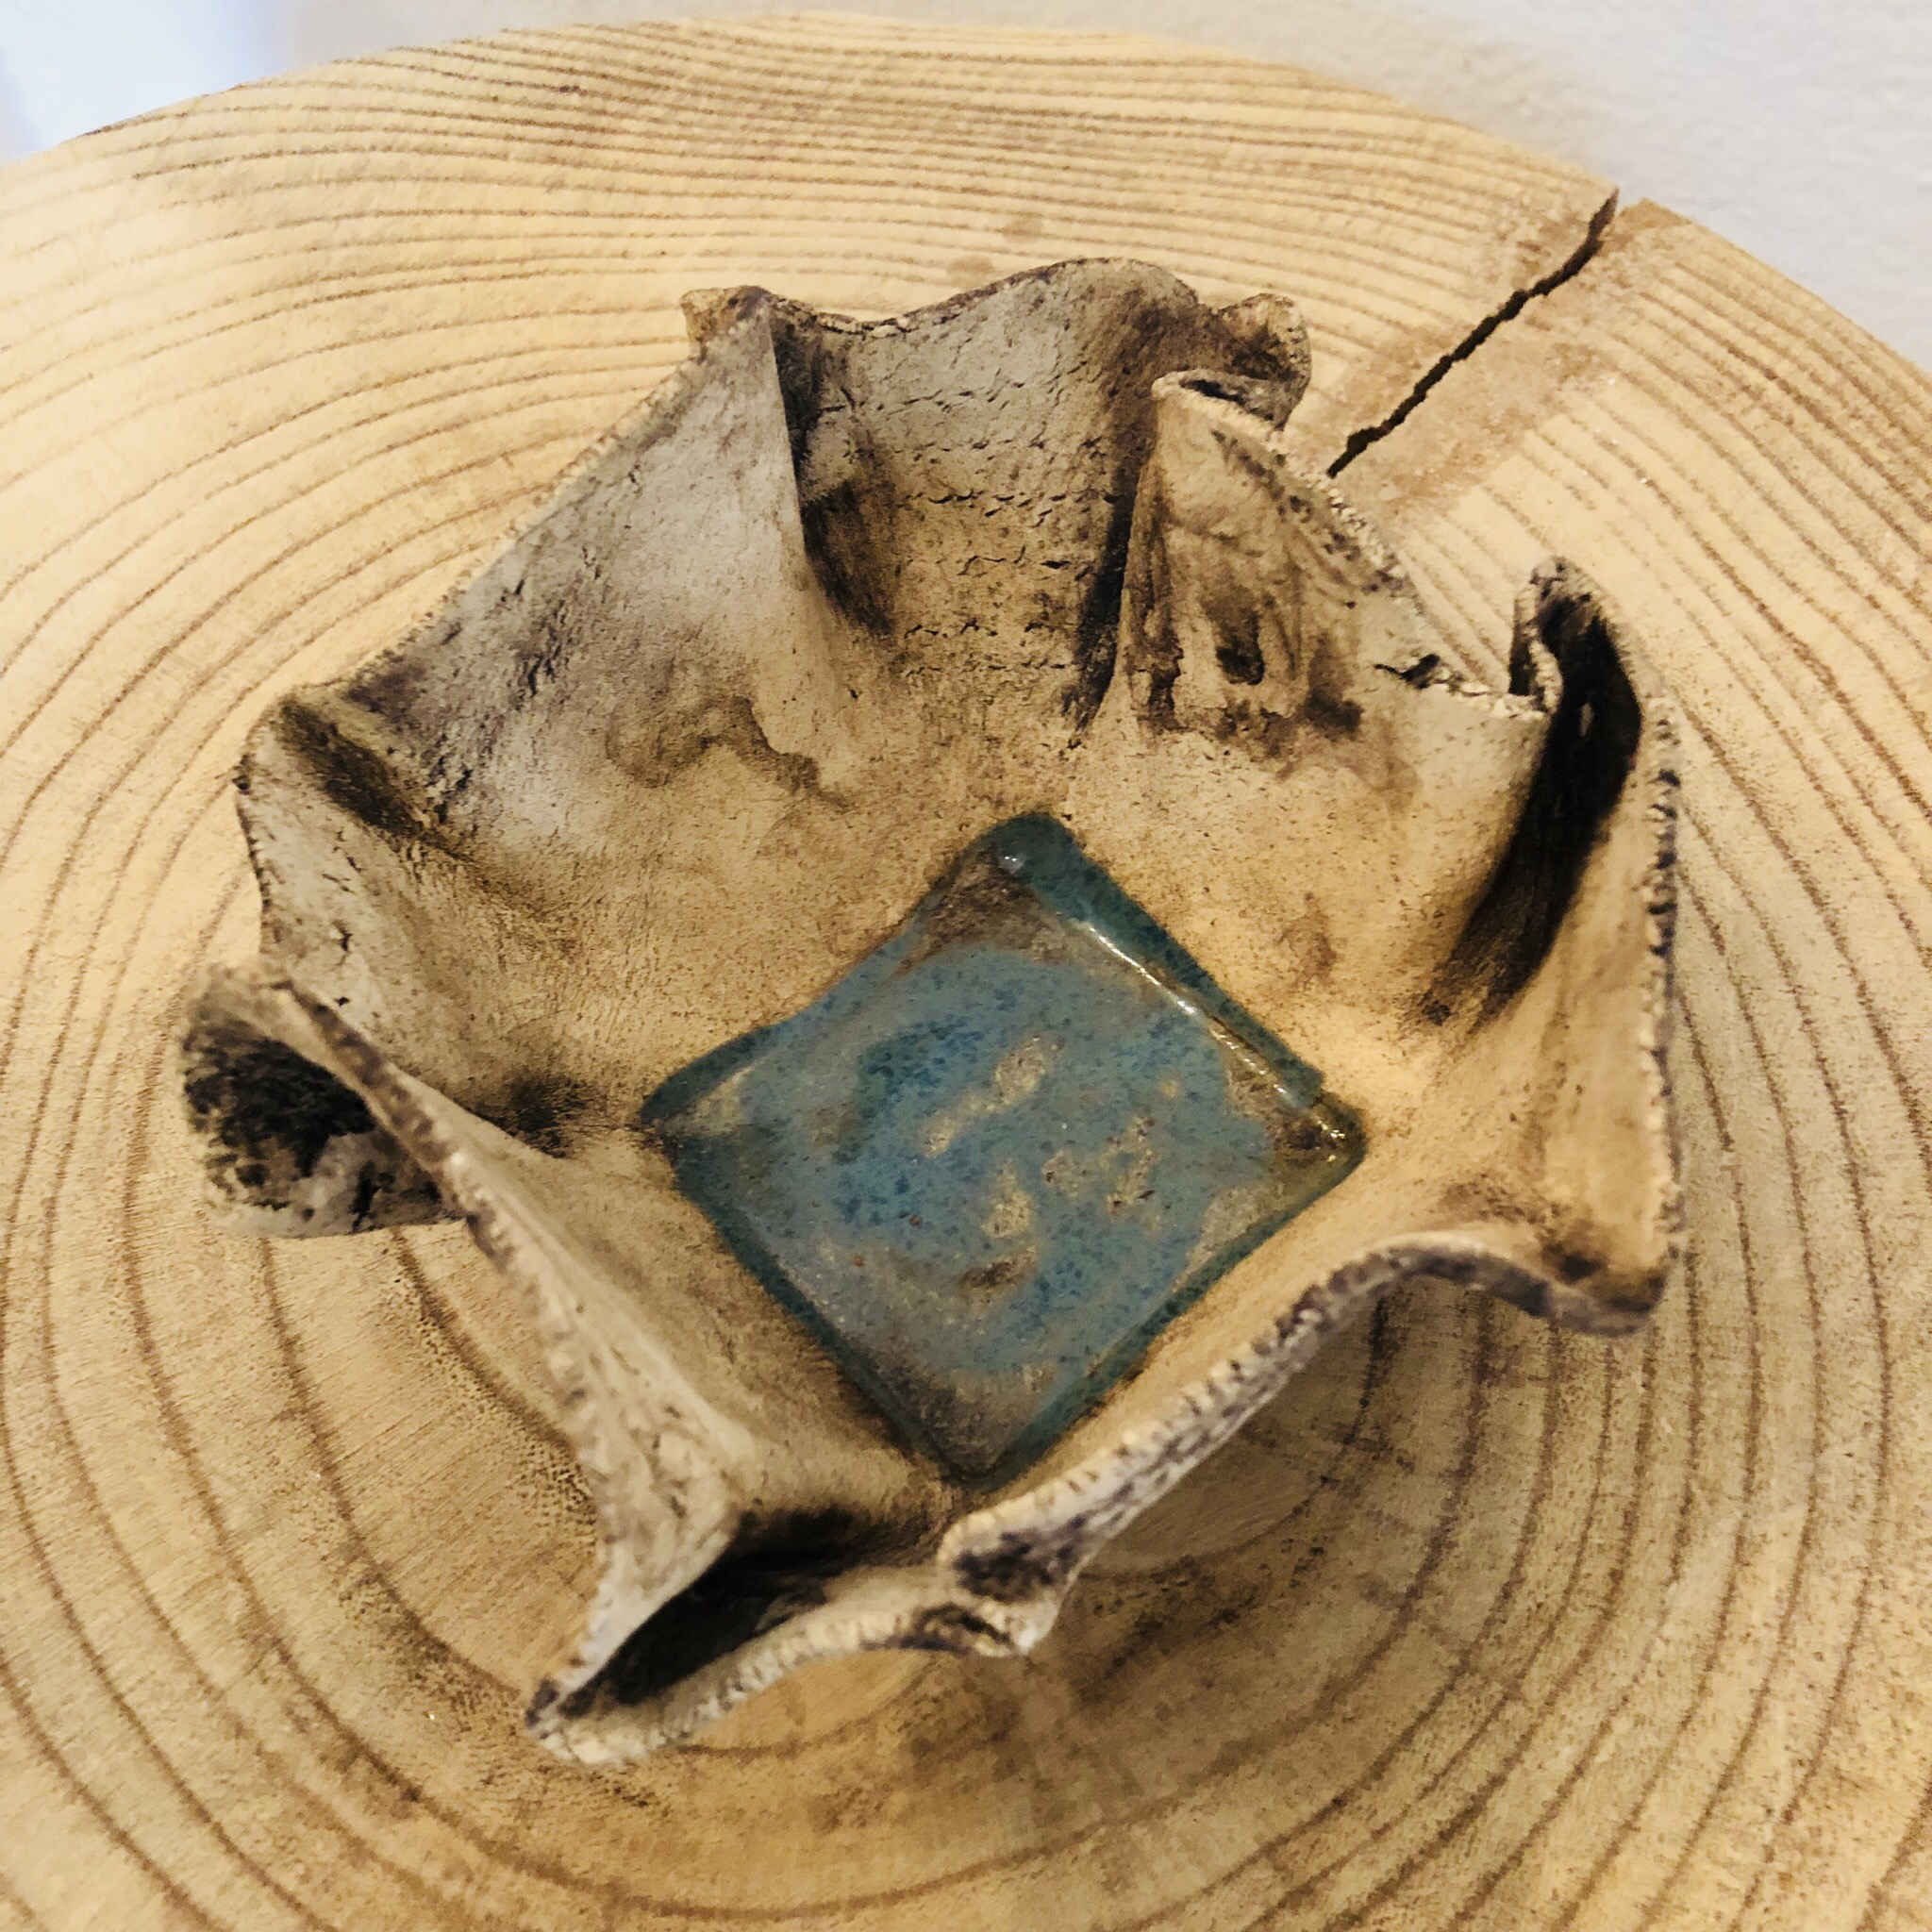 Schale aus Ton, Braunstein/türkiser Boden